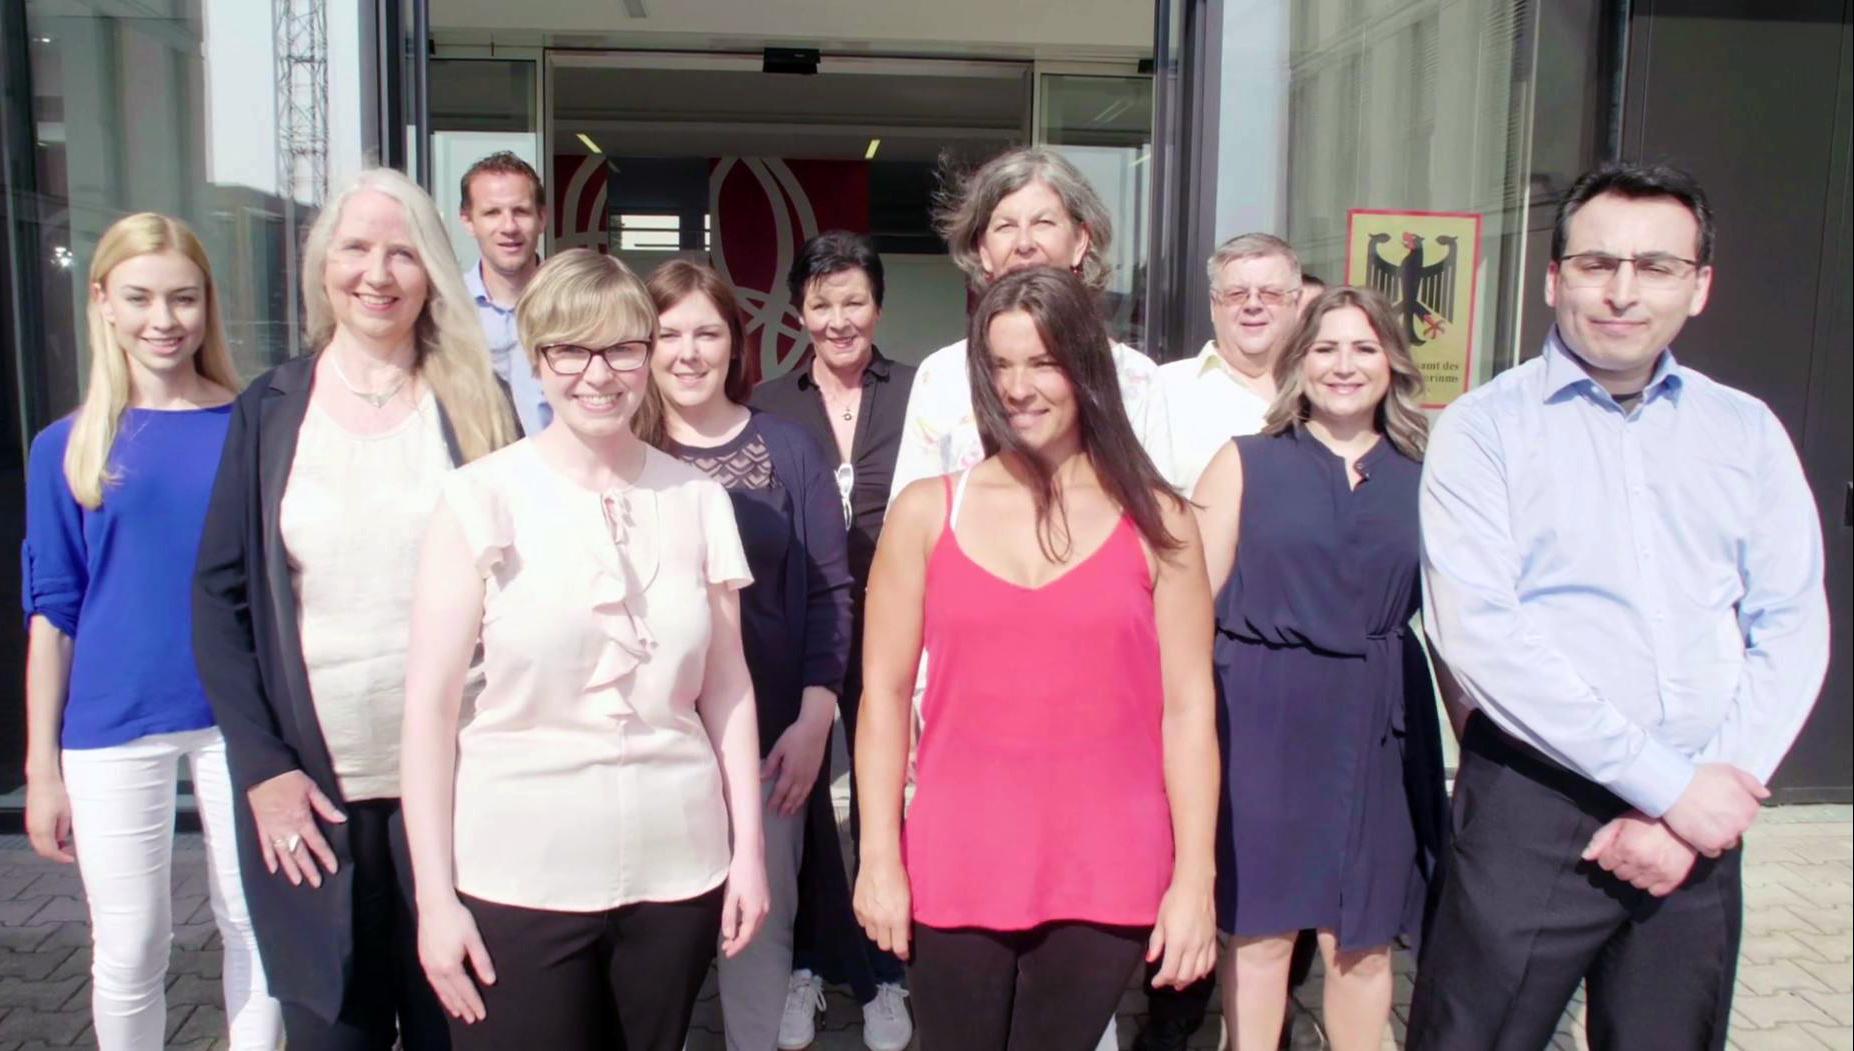 Mitarbeiter des Beschaffungsamts des BMI stehen vor dem Eingangsbereich der Behörde.